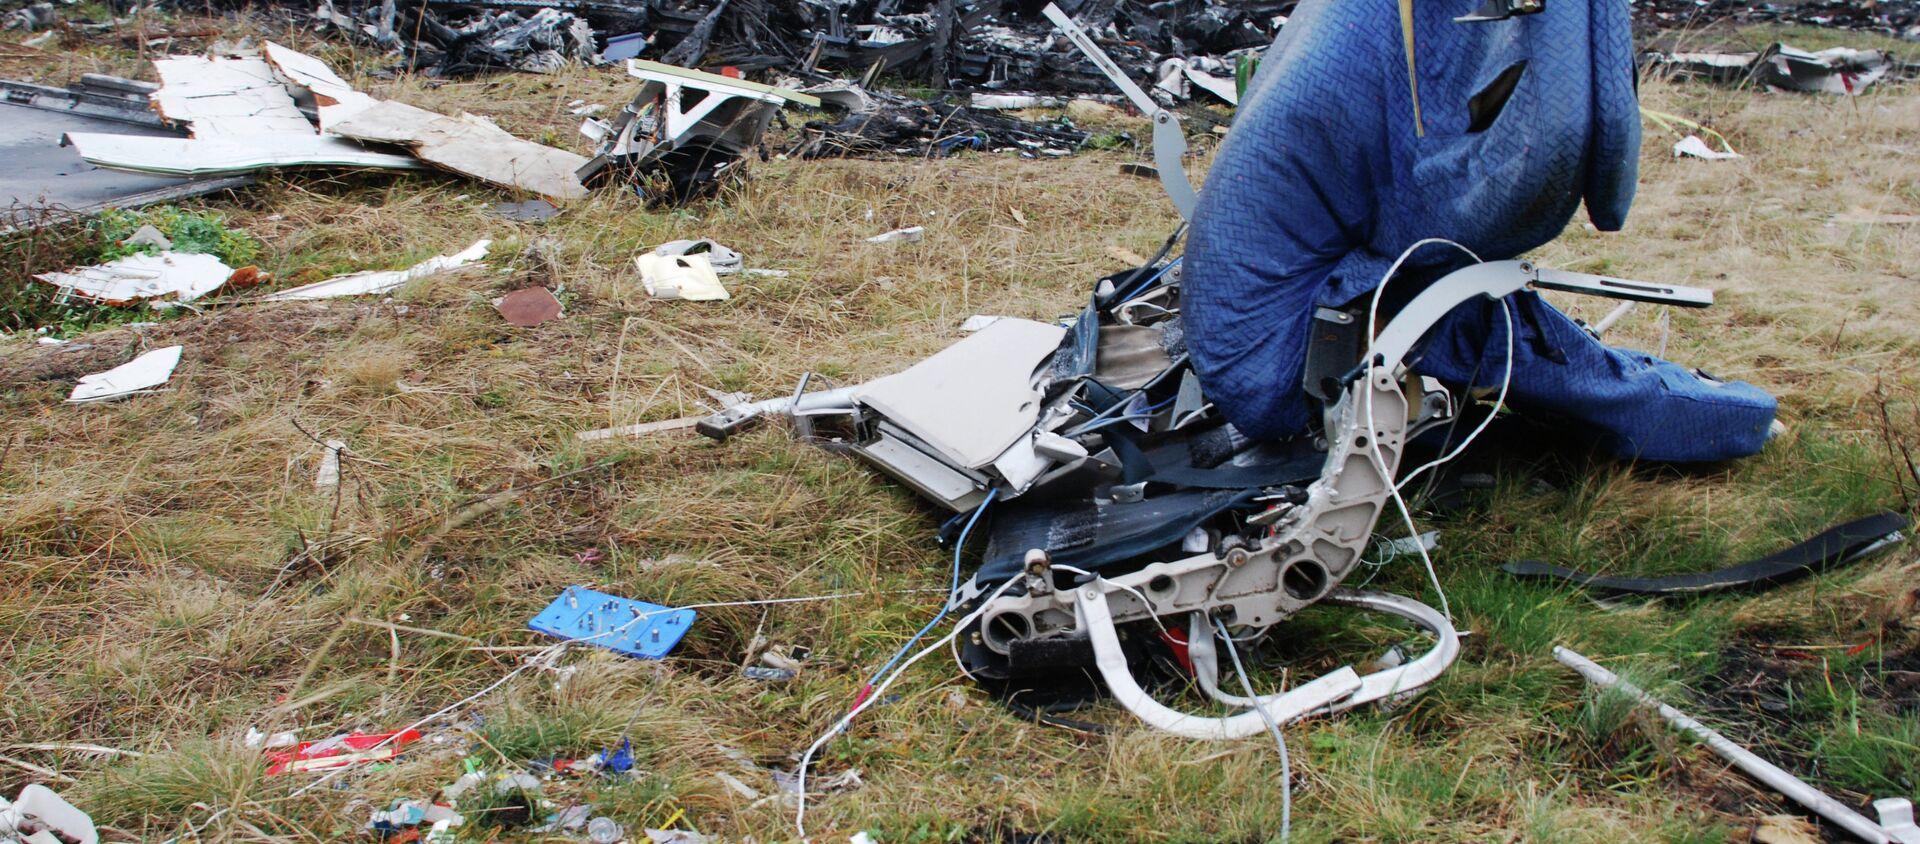 Los restos del avión MH17 derribado en el este de Ucrania - Sputnik Mundo, 1920, 06.06.2018